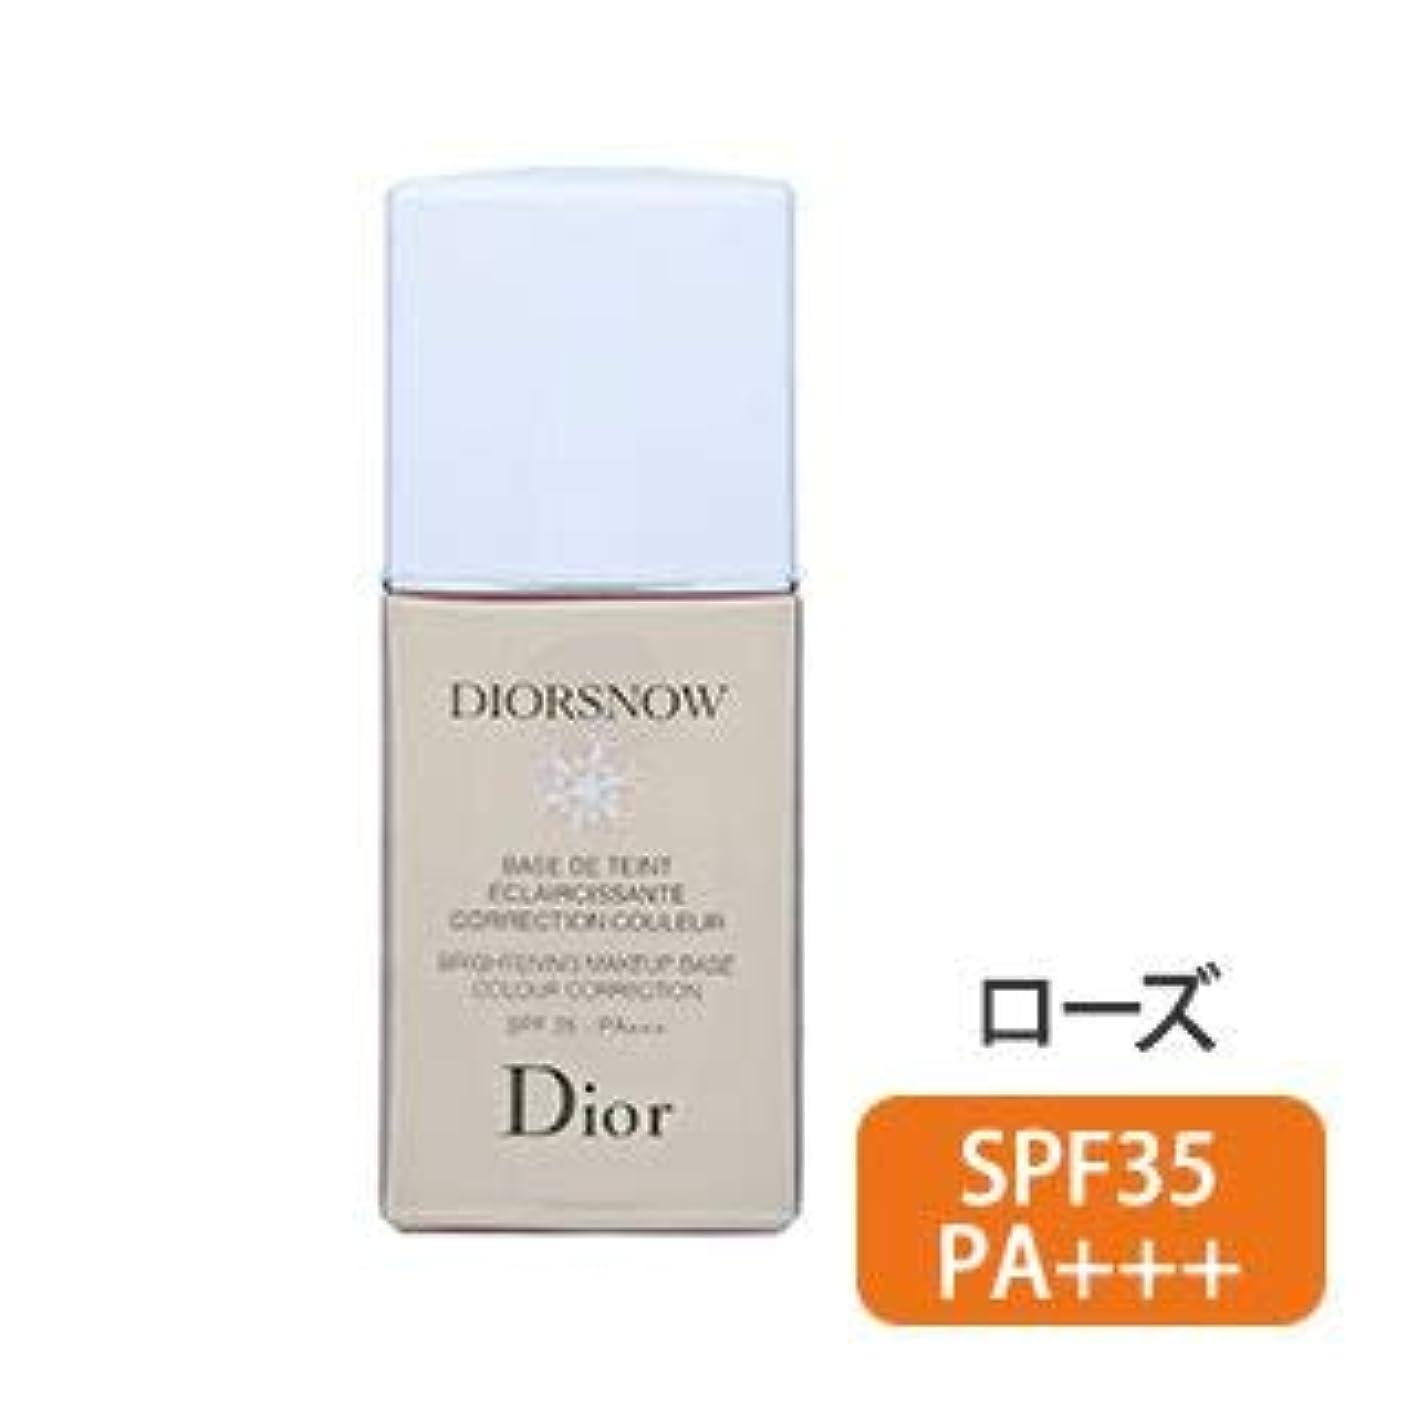 カトリック教徒ブラザー協同ディオール(Dior) スノー メイクアップ ベース UV35 (ローズ) [並行輸入品]